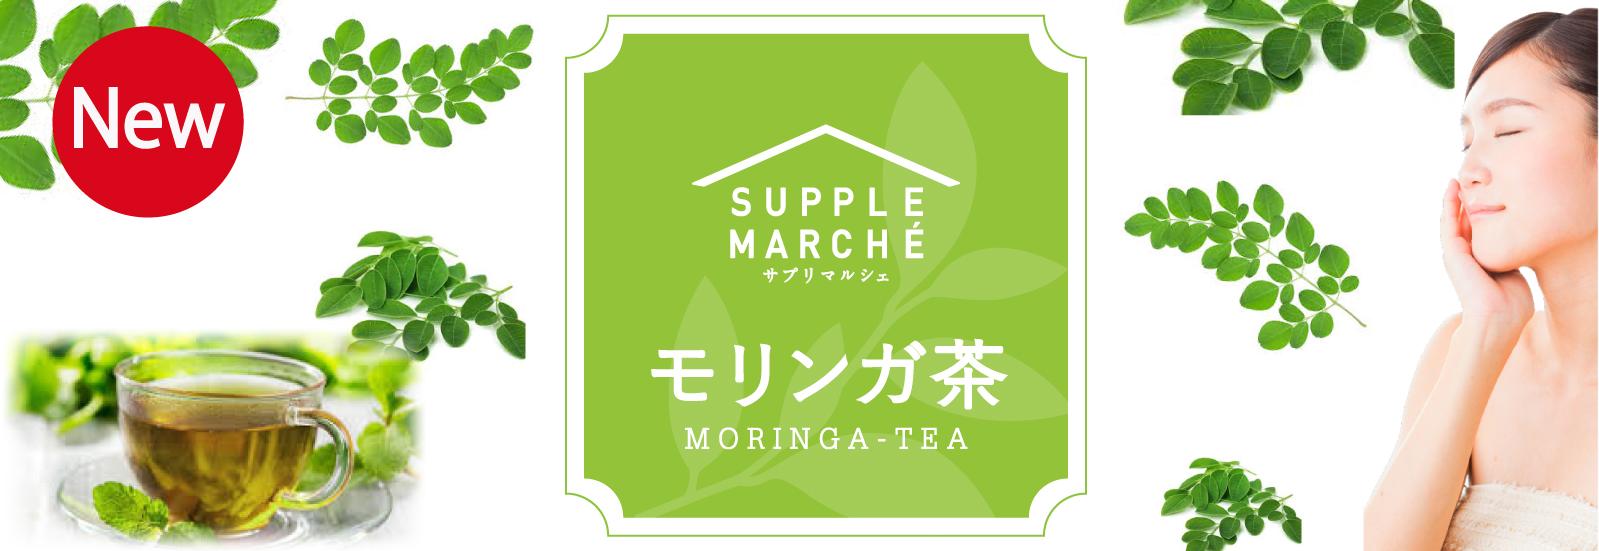 濃〜いモリンガパウダー 100g 【送料無料】ノンカ... - サプリマルシェ ヤフー店